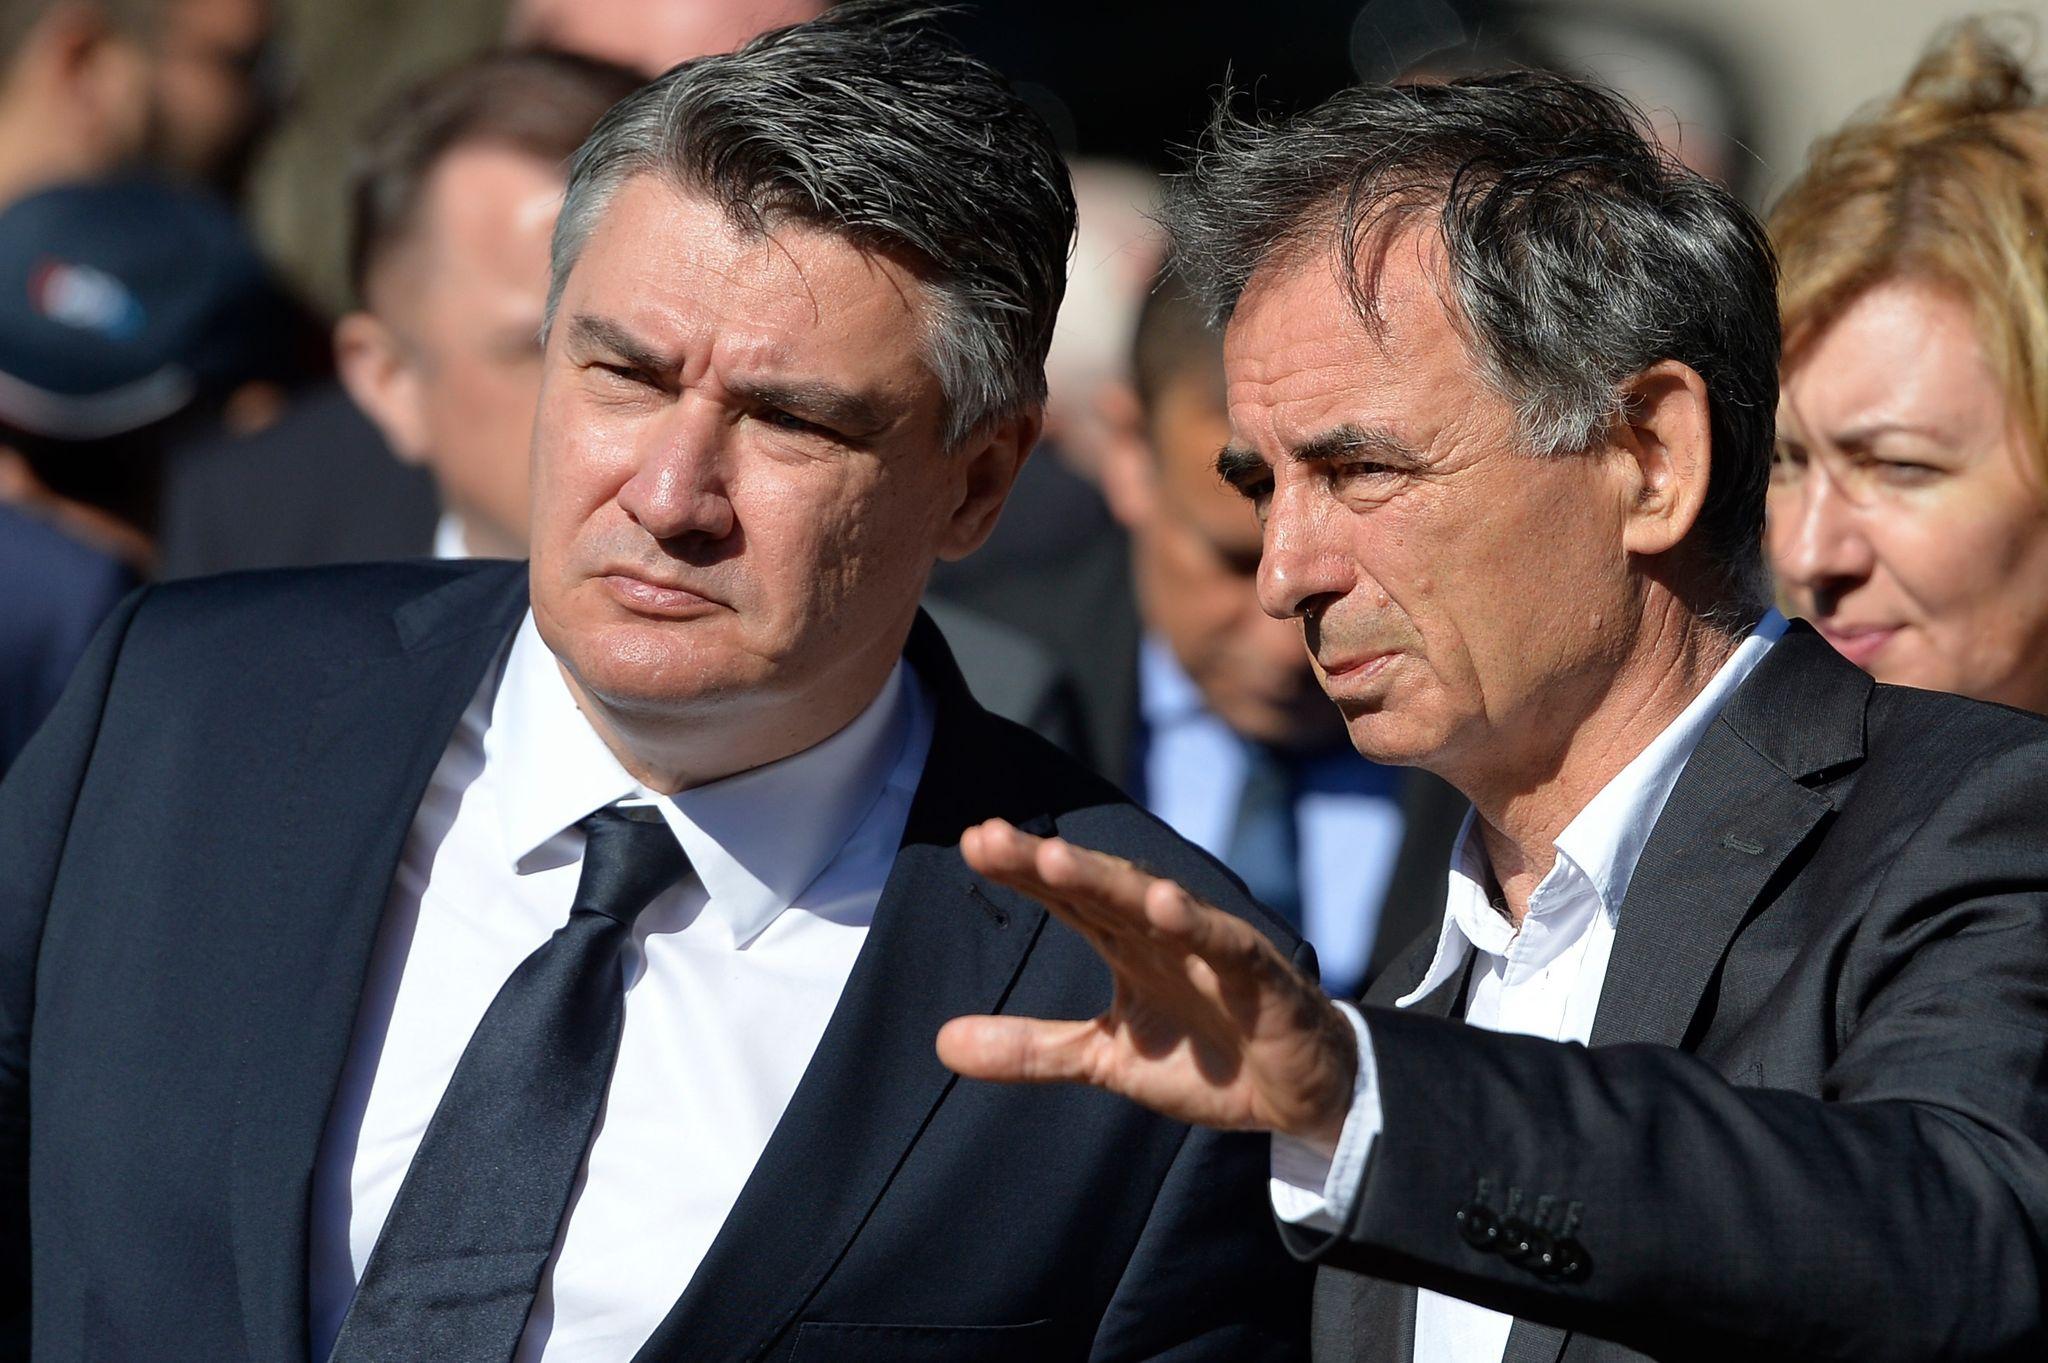 Pupovac: Plenković i Milanović napravili iskorak u komemoriranju žrtava |  Nacionalno